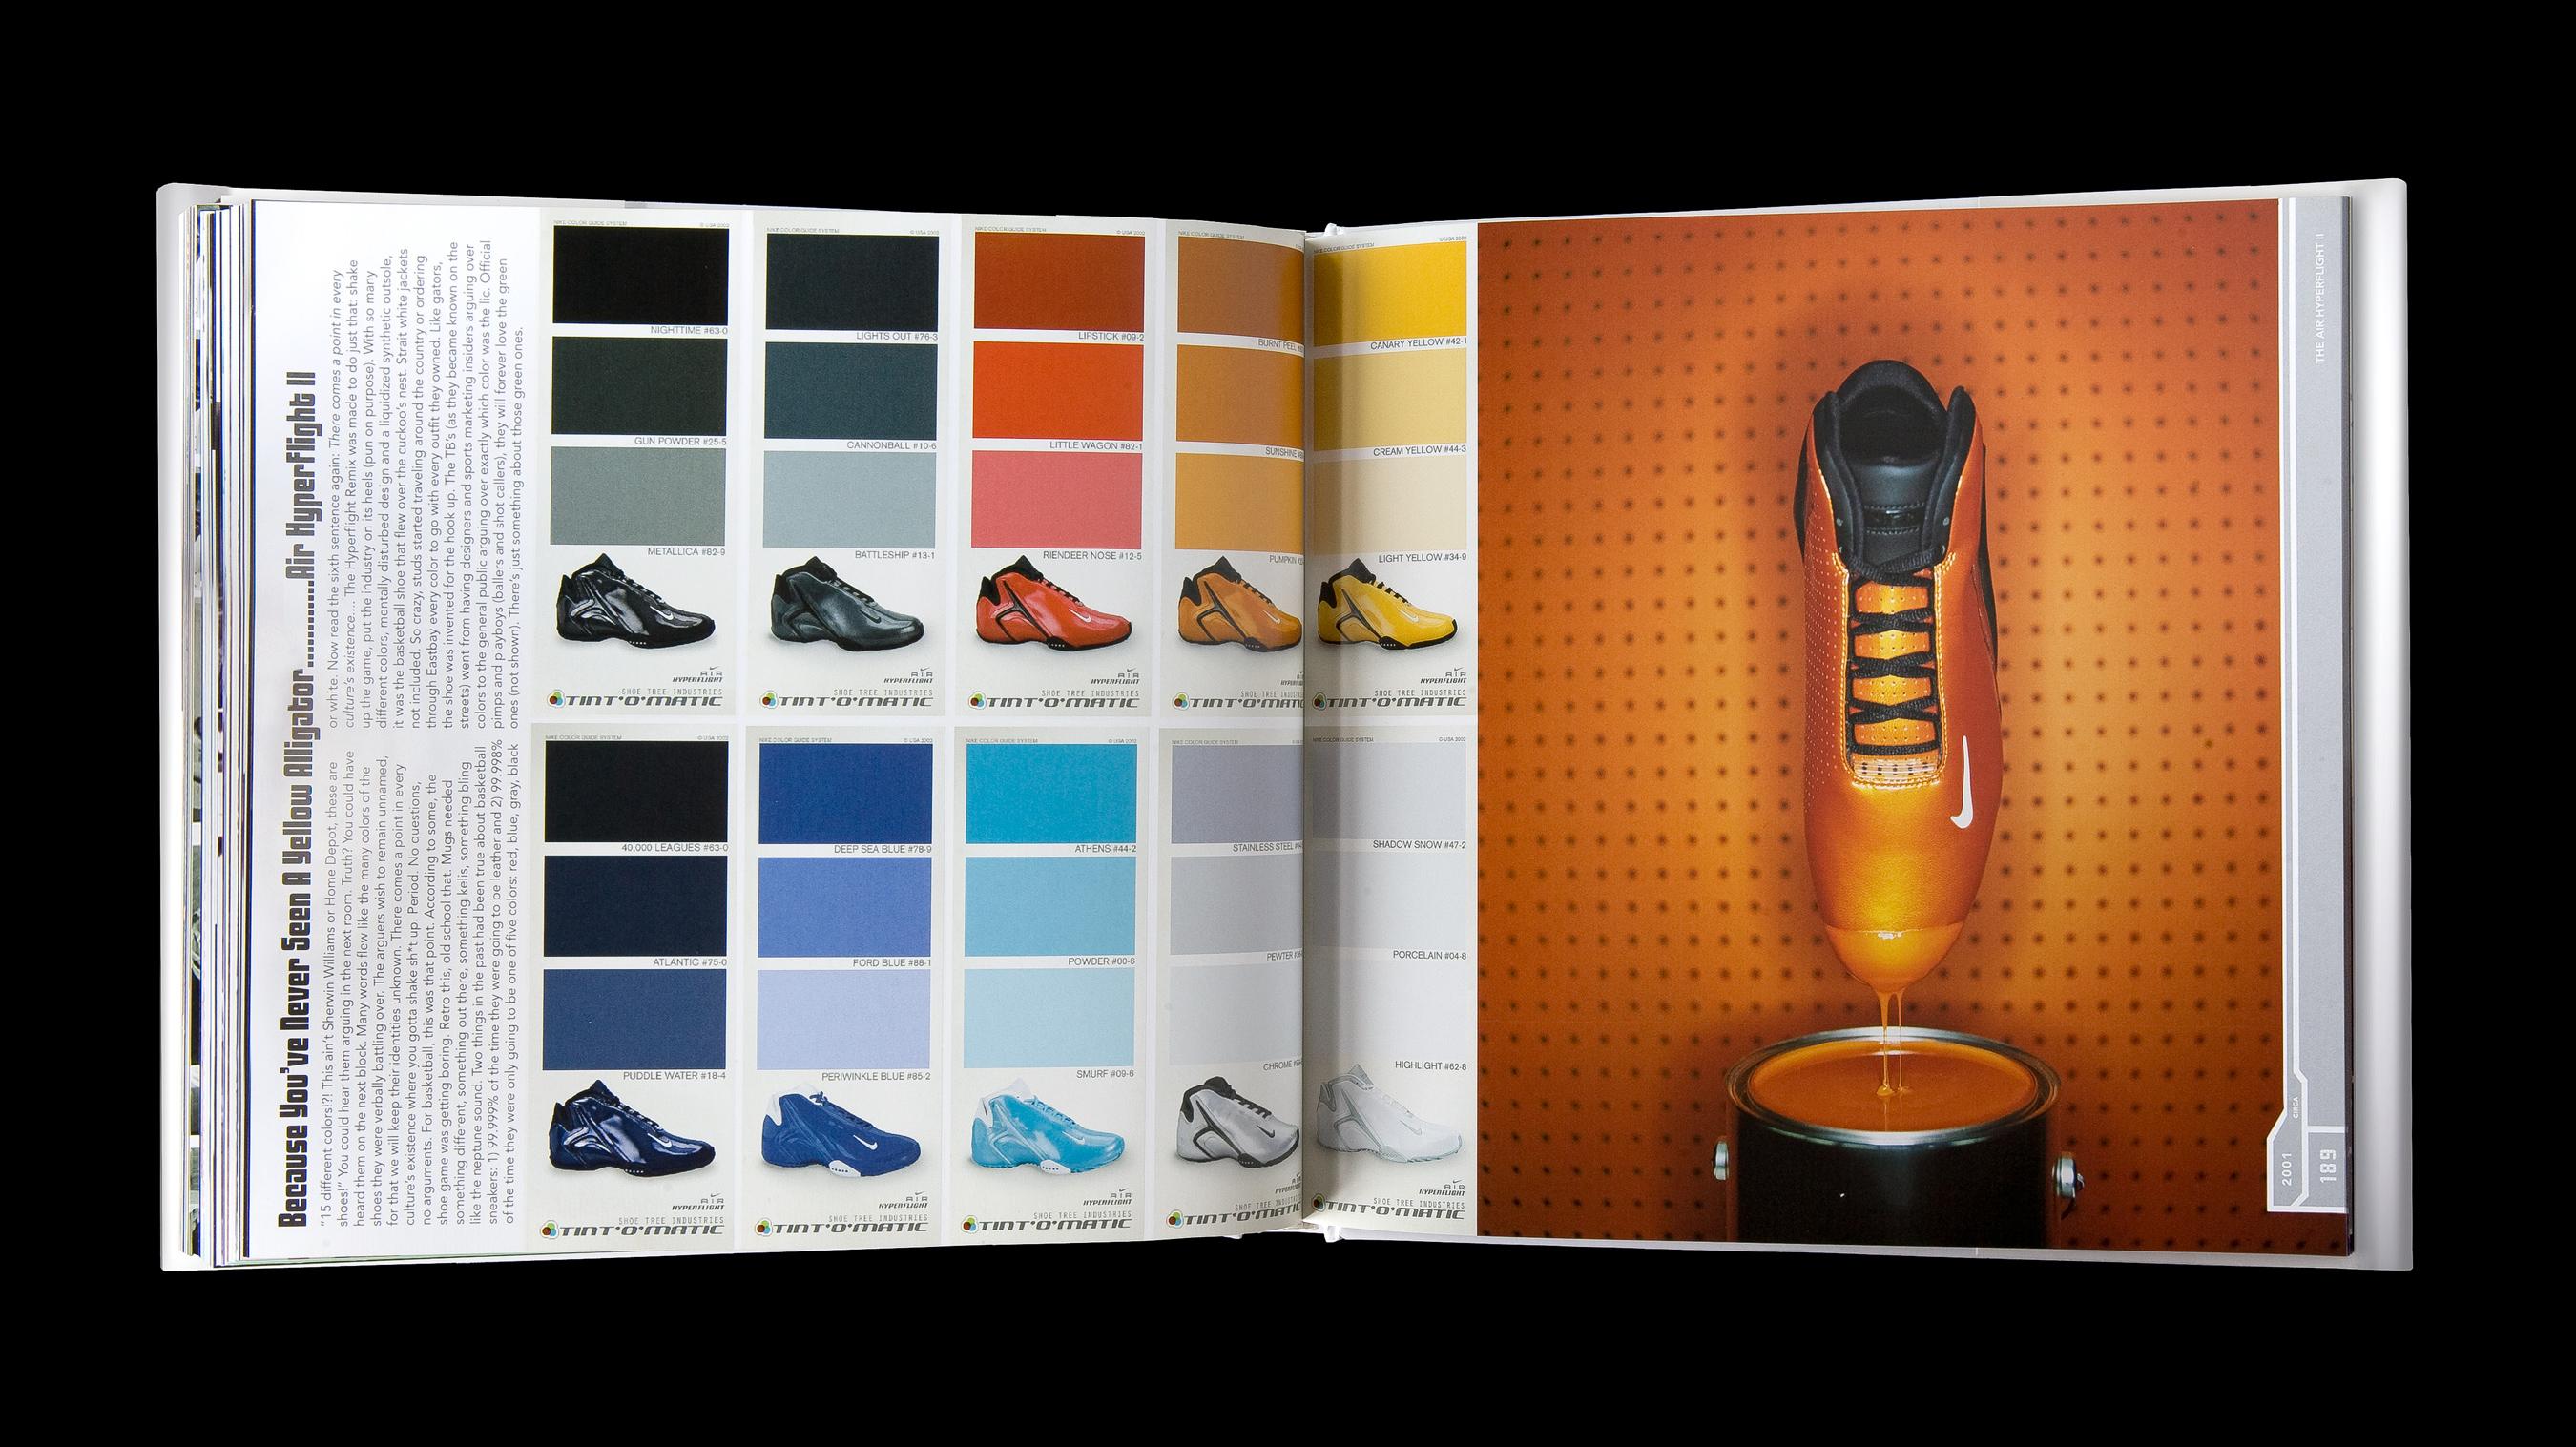 Nike sole provider scottie pimpin profile image and shoe spread